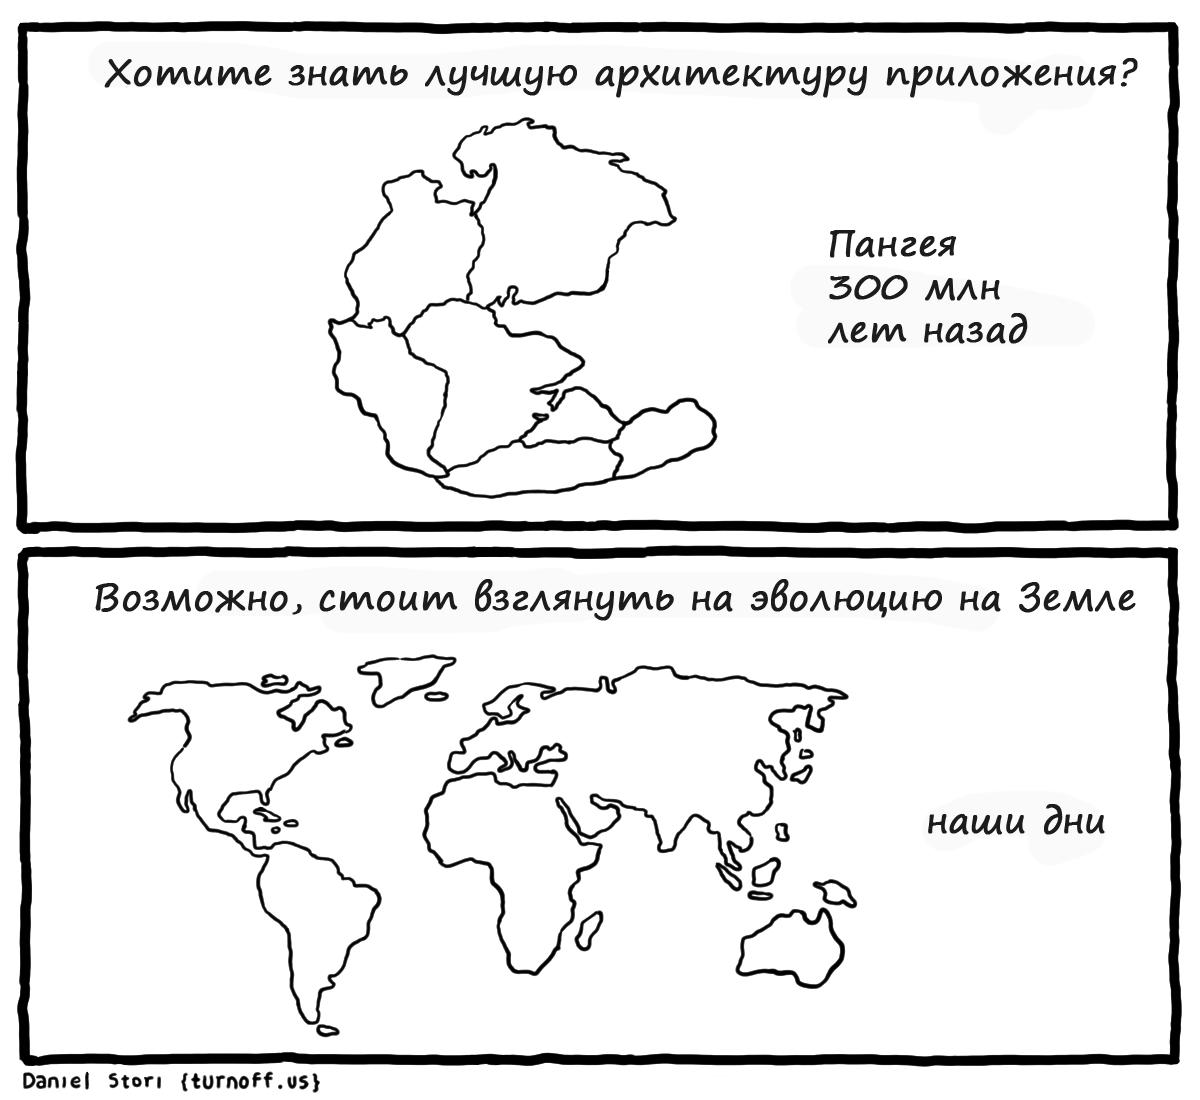 Комиксы Даниэля Стори (часть 2) - 12